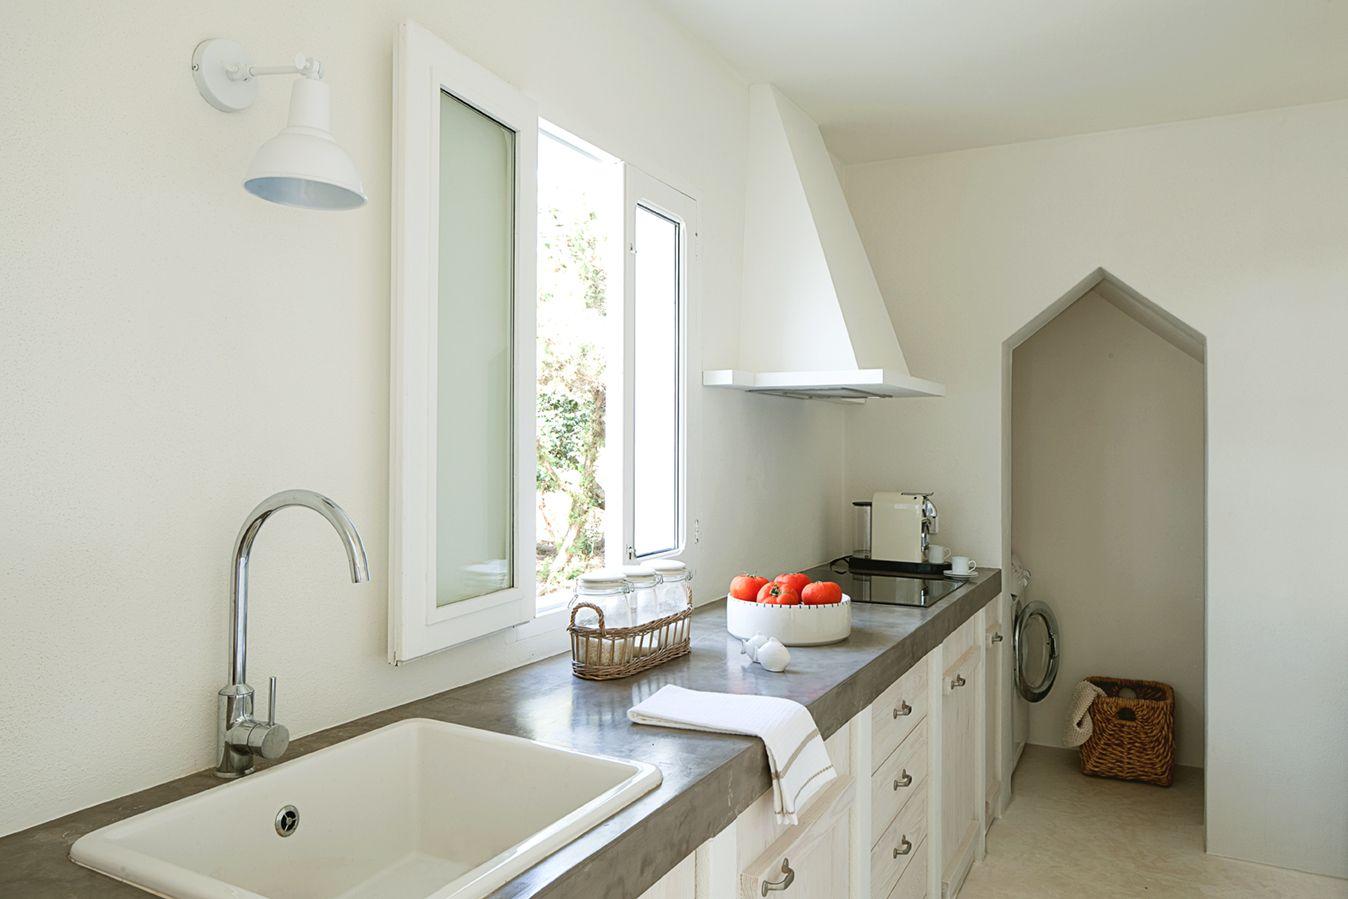 Cocina mediterr nea encimera de microcemento y muebles en madera talqueada por catalina house - Encimeras de microcemento ...